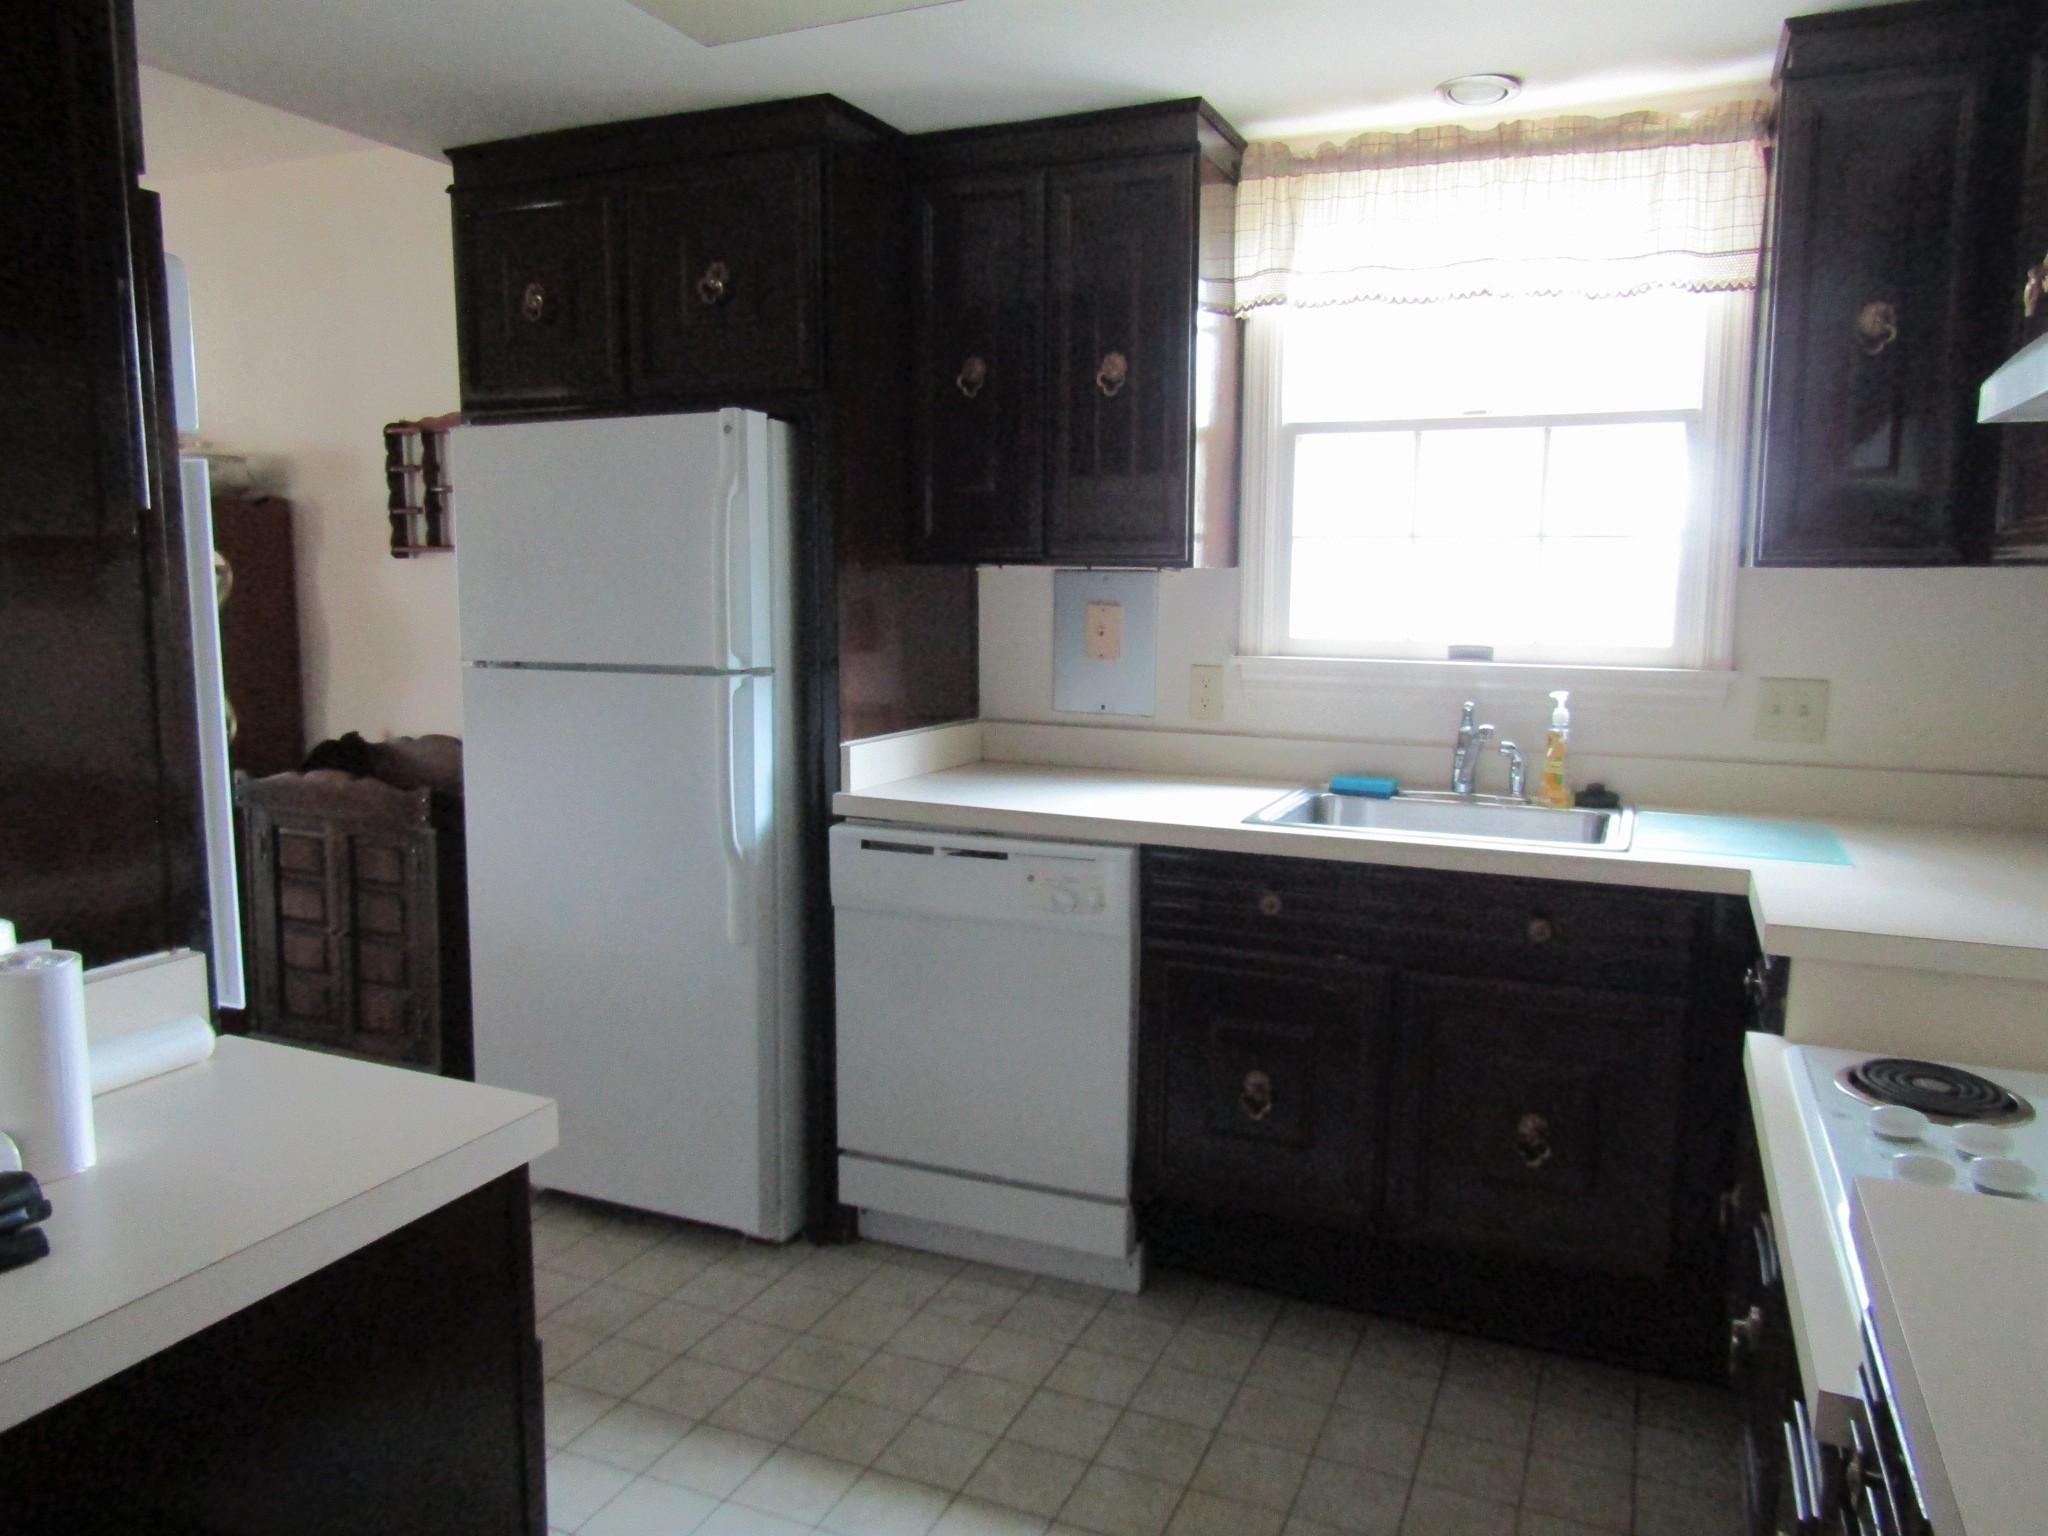 122-B Kitchen 1 - Copy